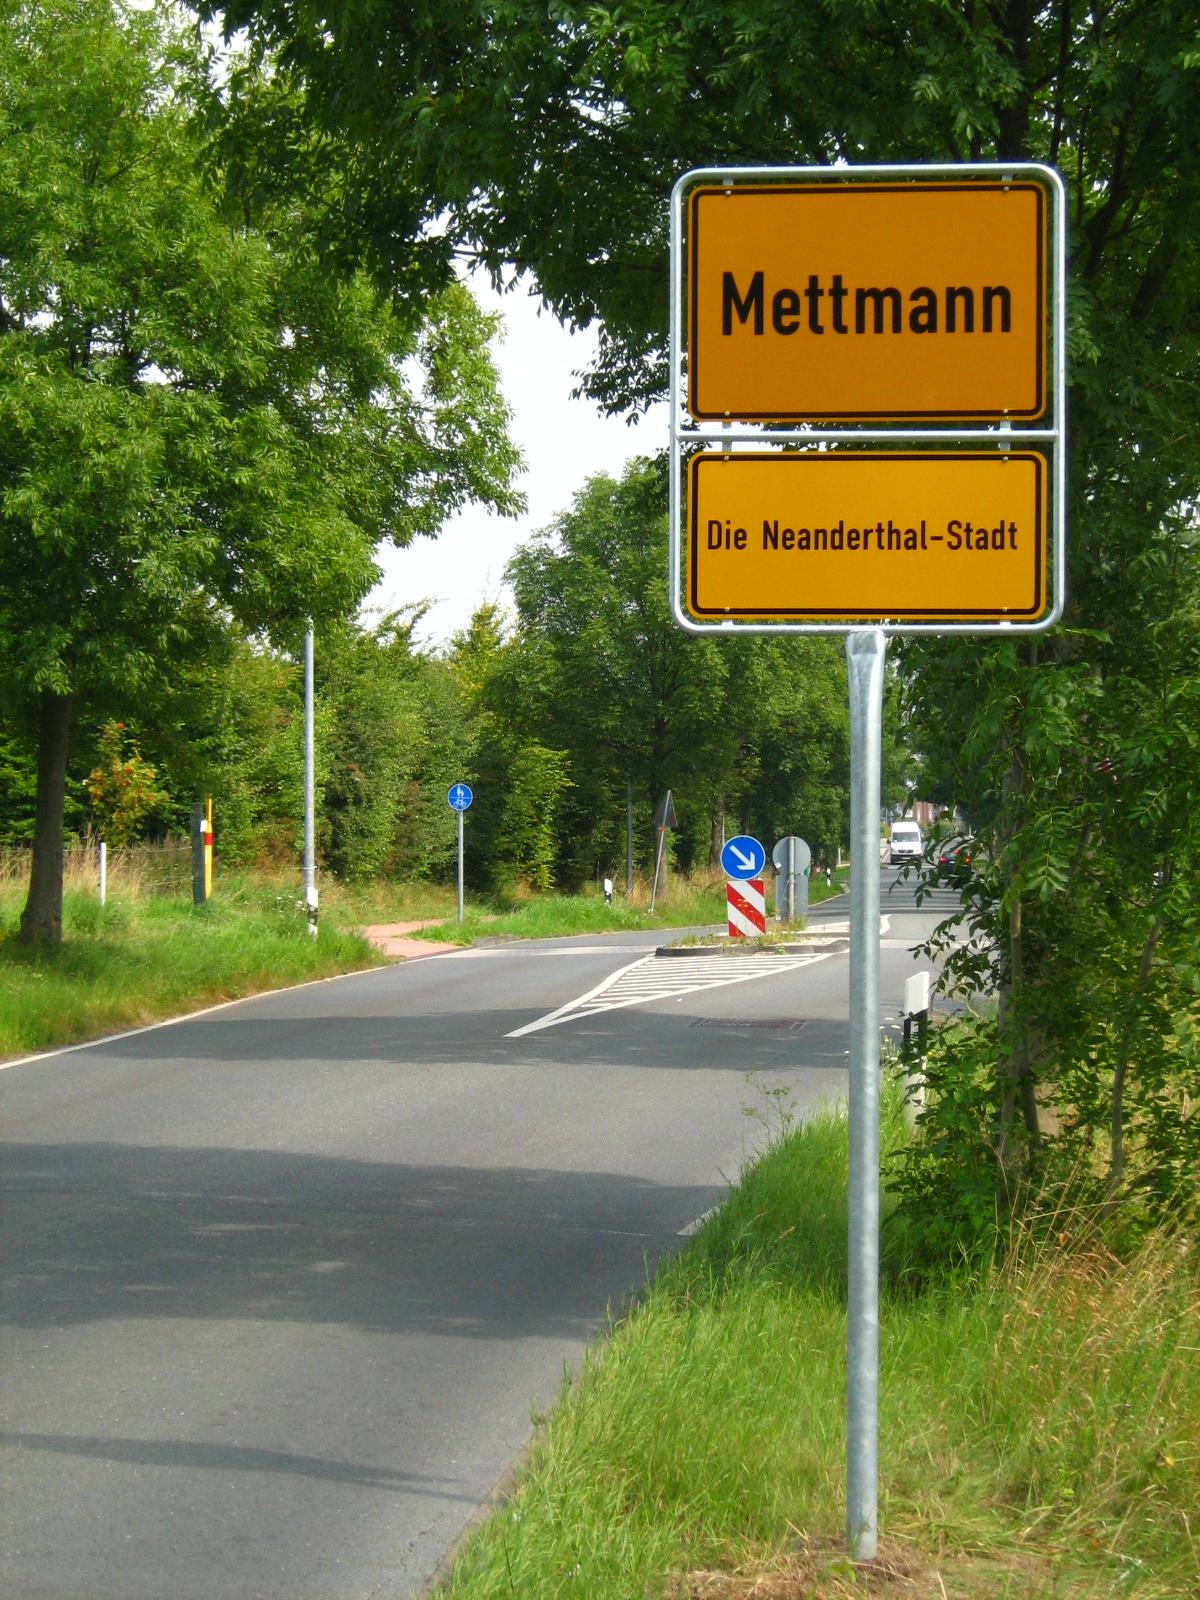 Single mettmann